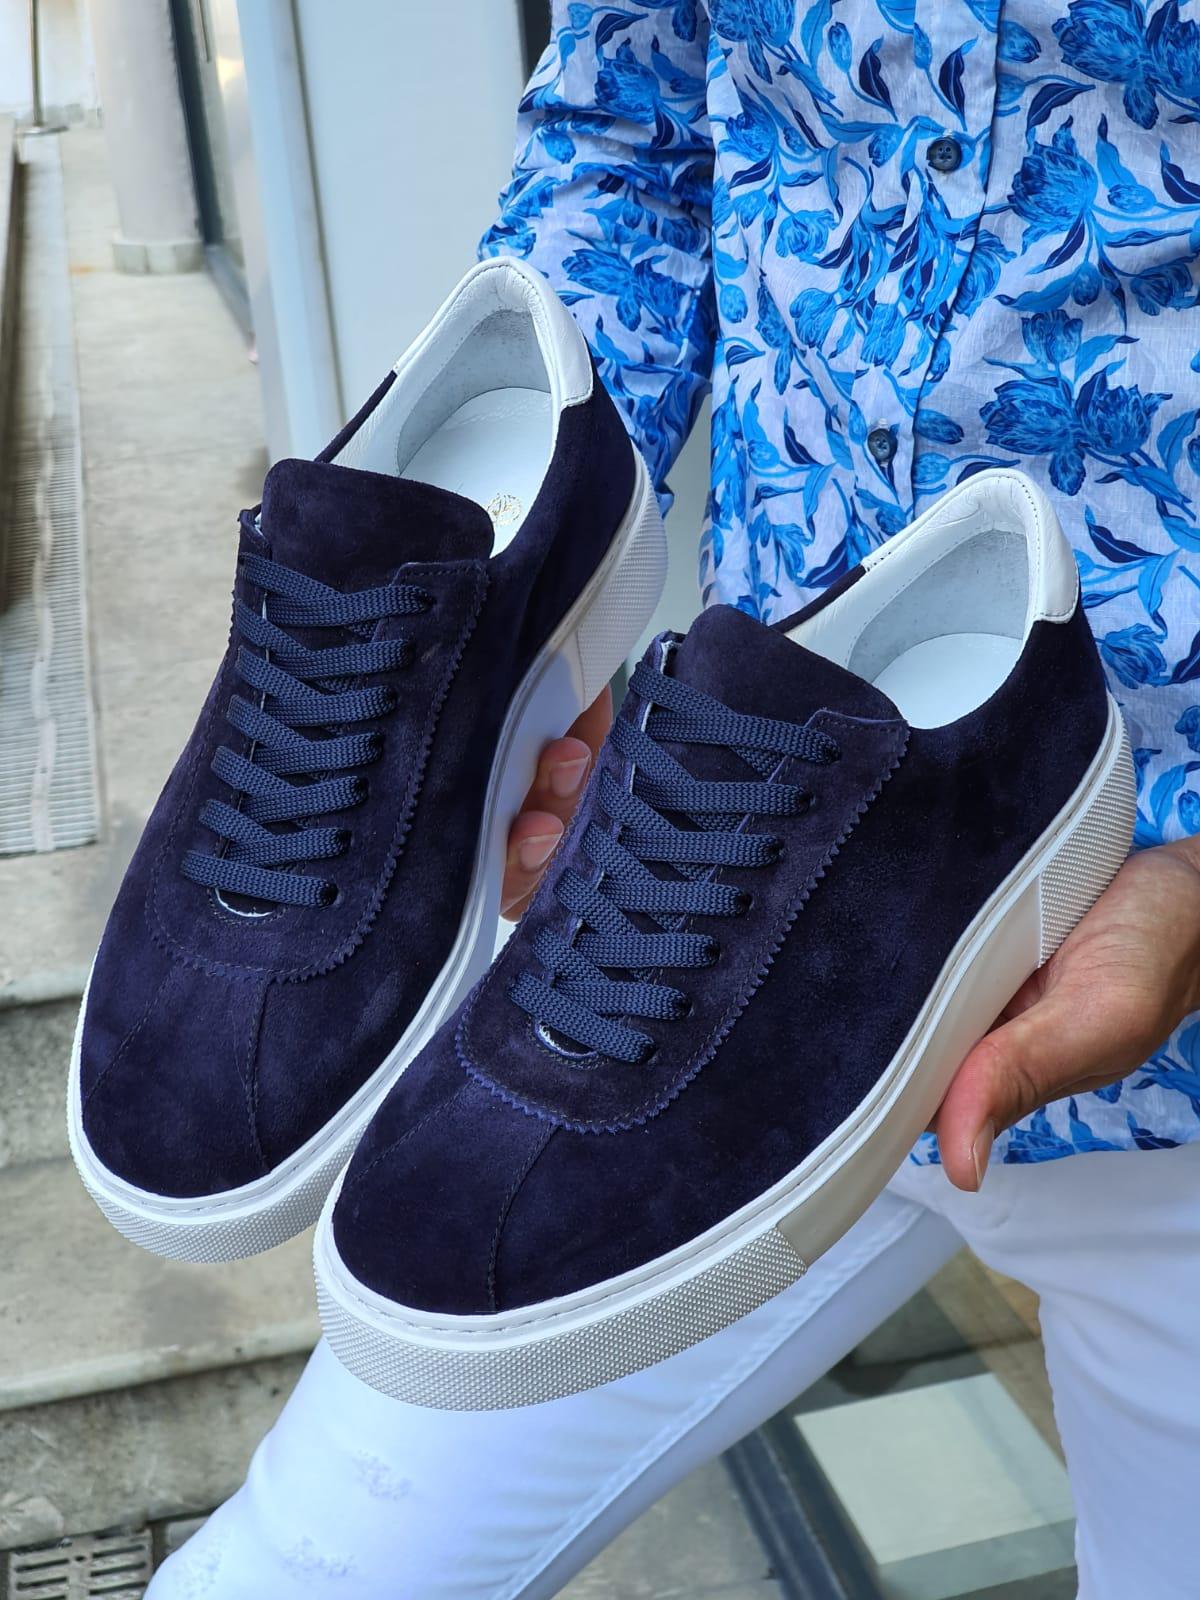 Aysoti Navy Blue Mid-Top Suede Sneaker